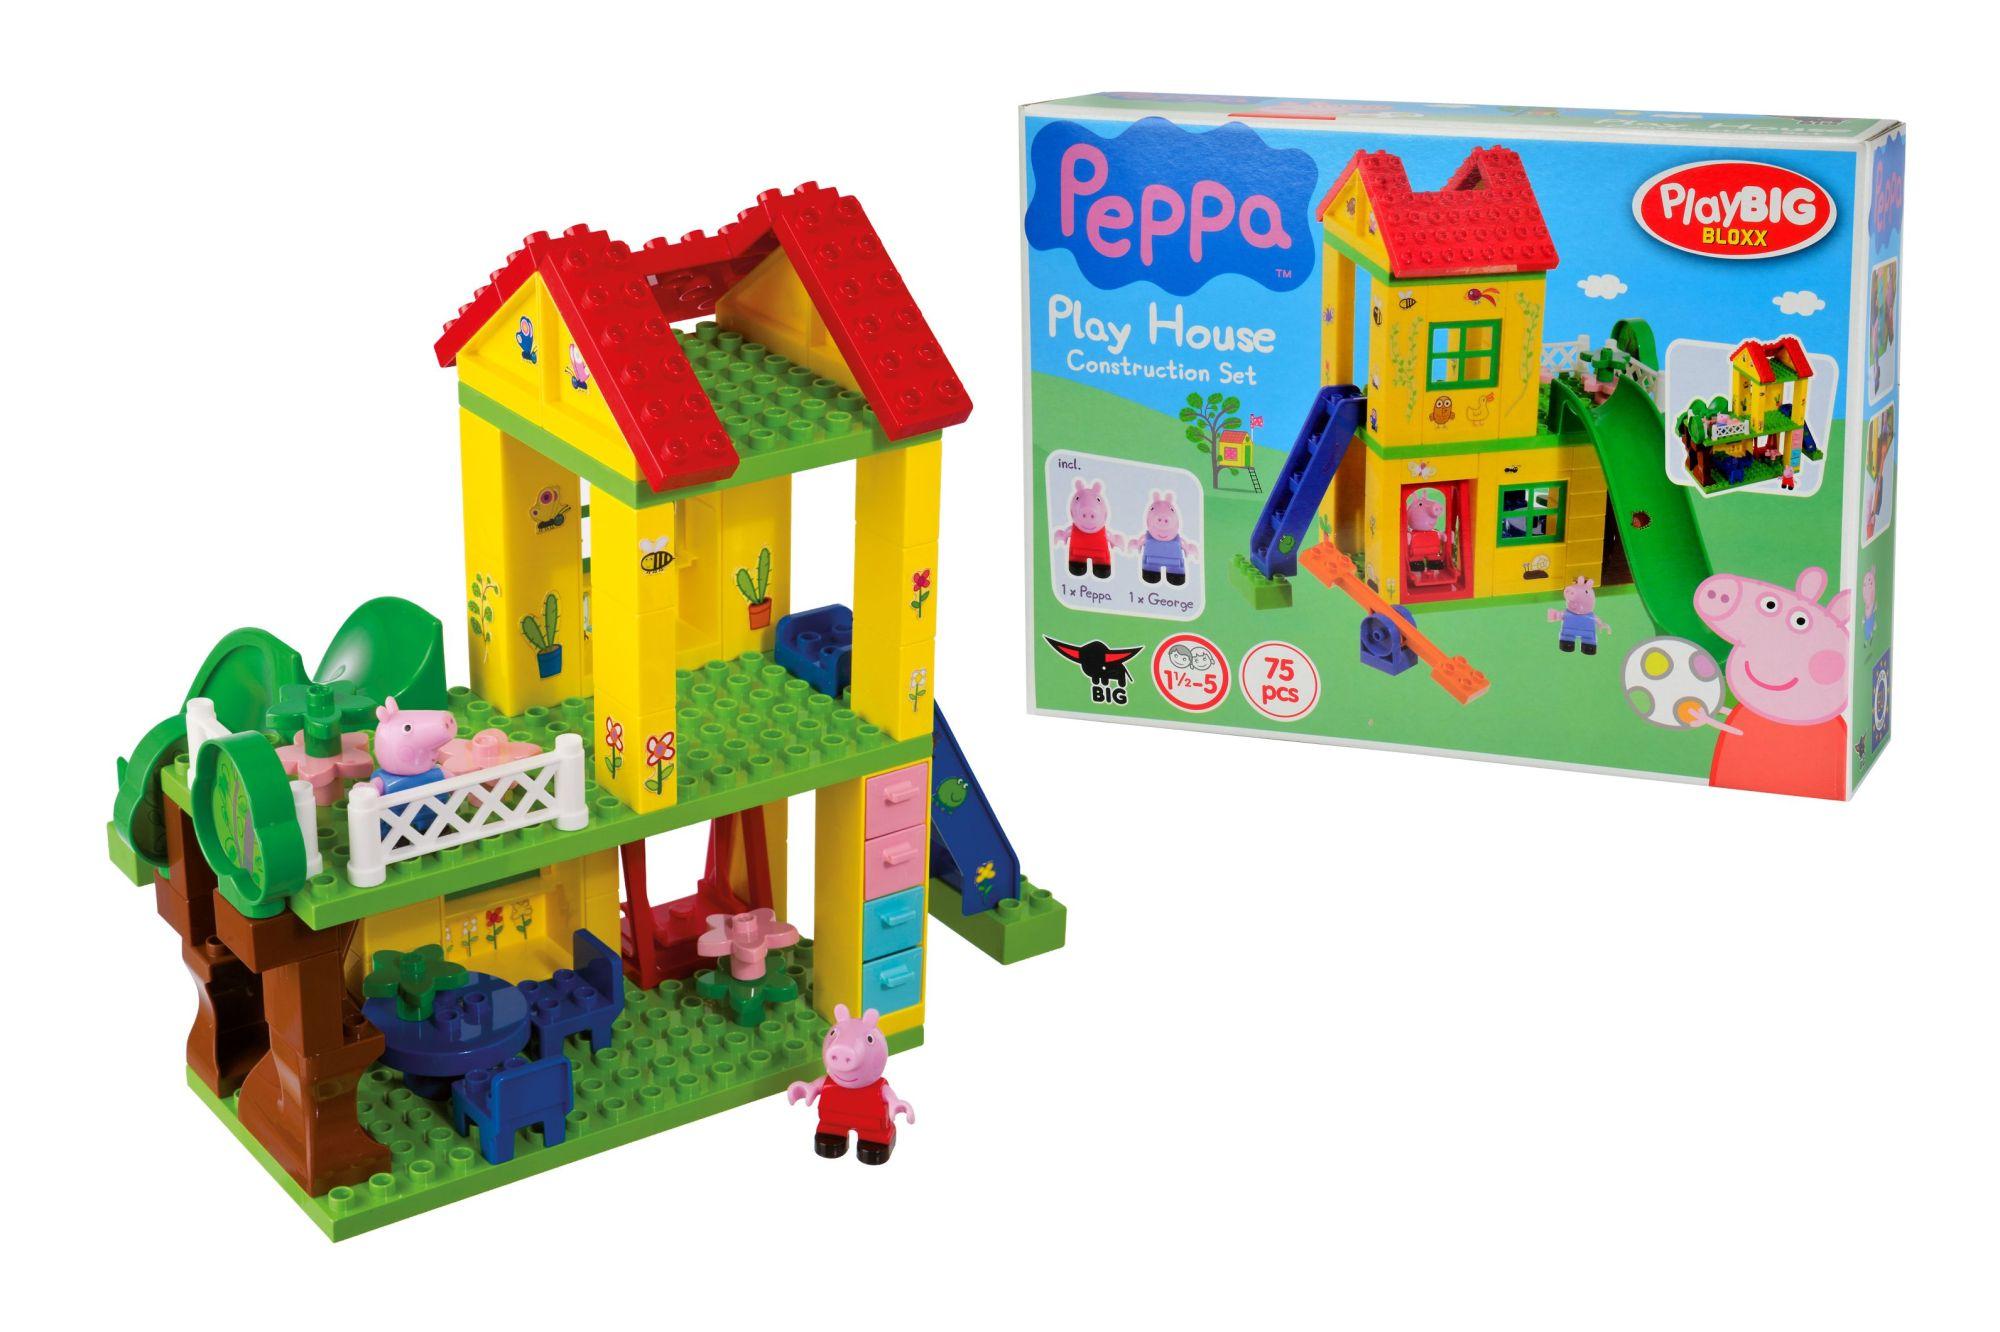 playbig bloxx peppa pig spielhaus